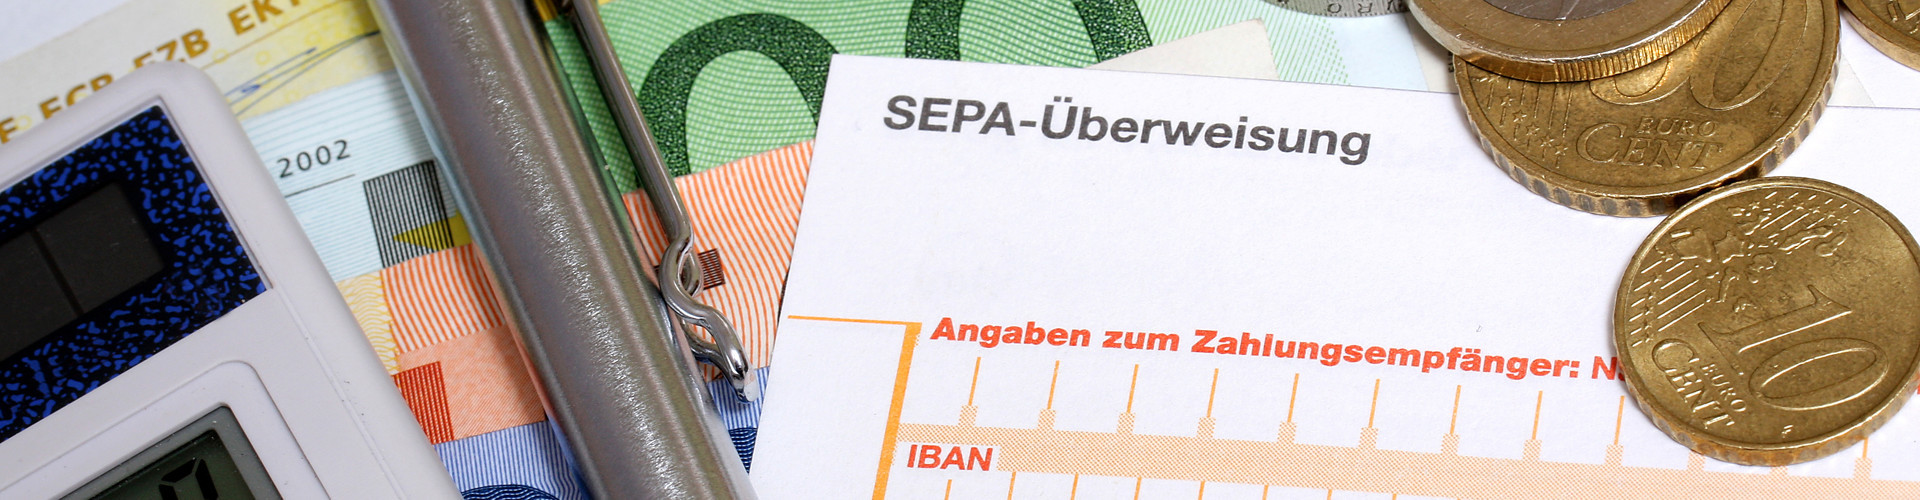 """Auf mehreren Geldscheinen liegen Taschenrechner, Kugelschreiber, einige Euromünzen und ein Erlagschein. Zu erkennen ist die Aufschrift """"SEPA-Überweisung"""". © RRF, stock.adobe.com"""